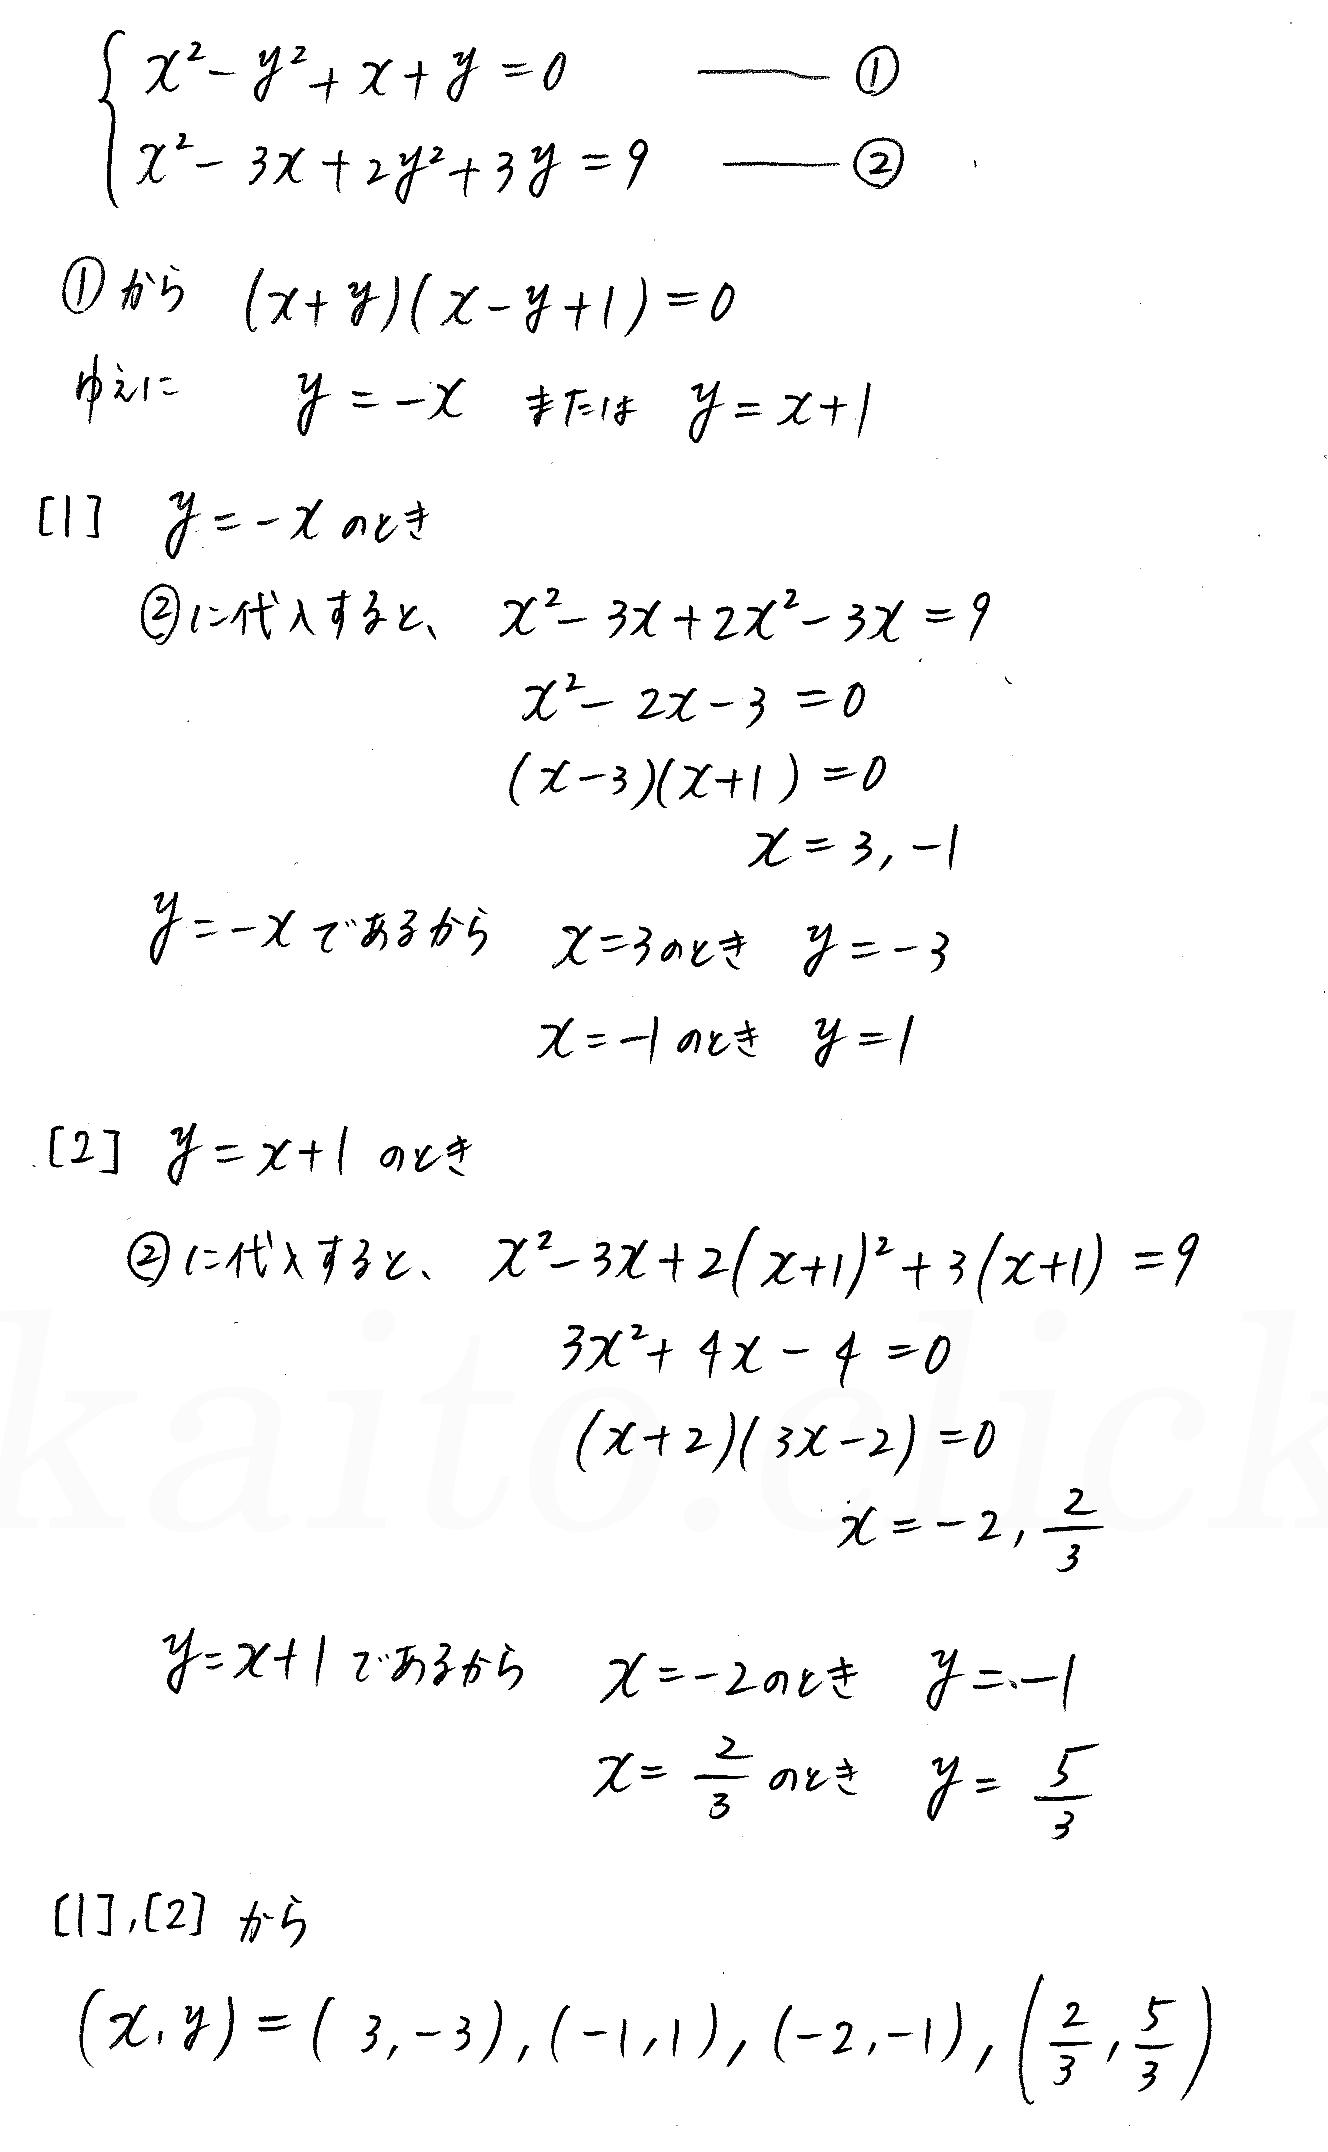 クリアー数学演習12AB受験編-15解答